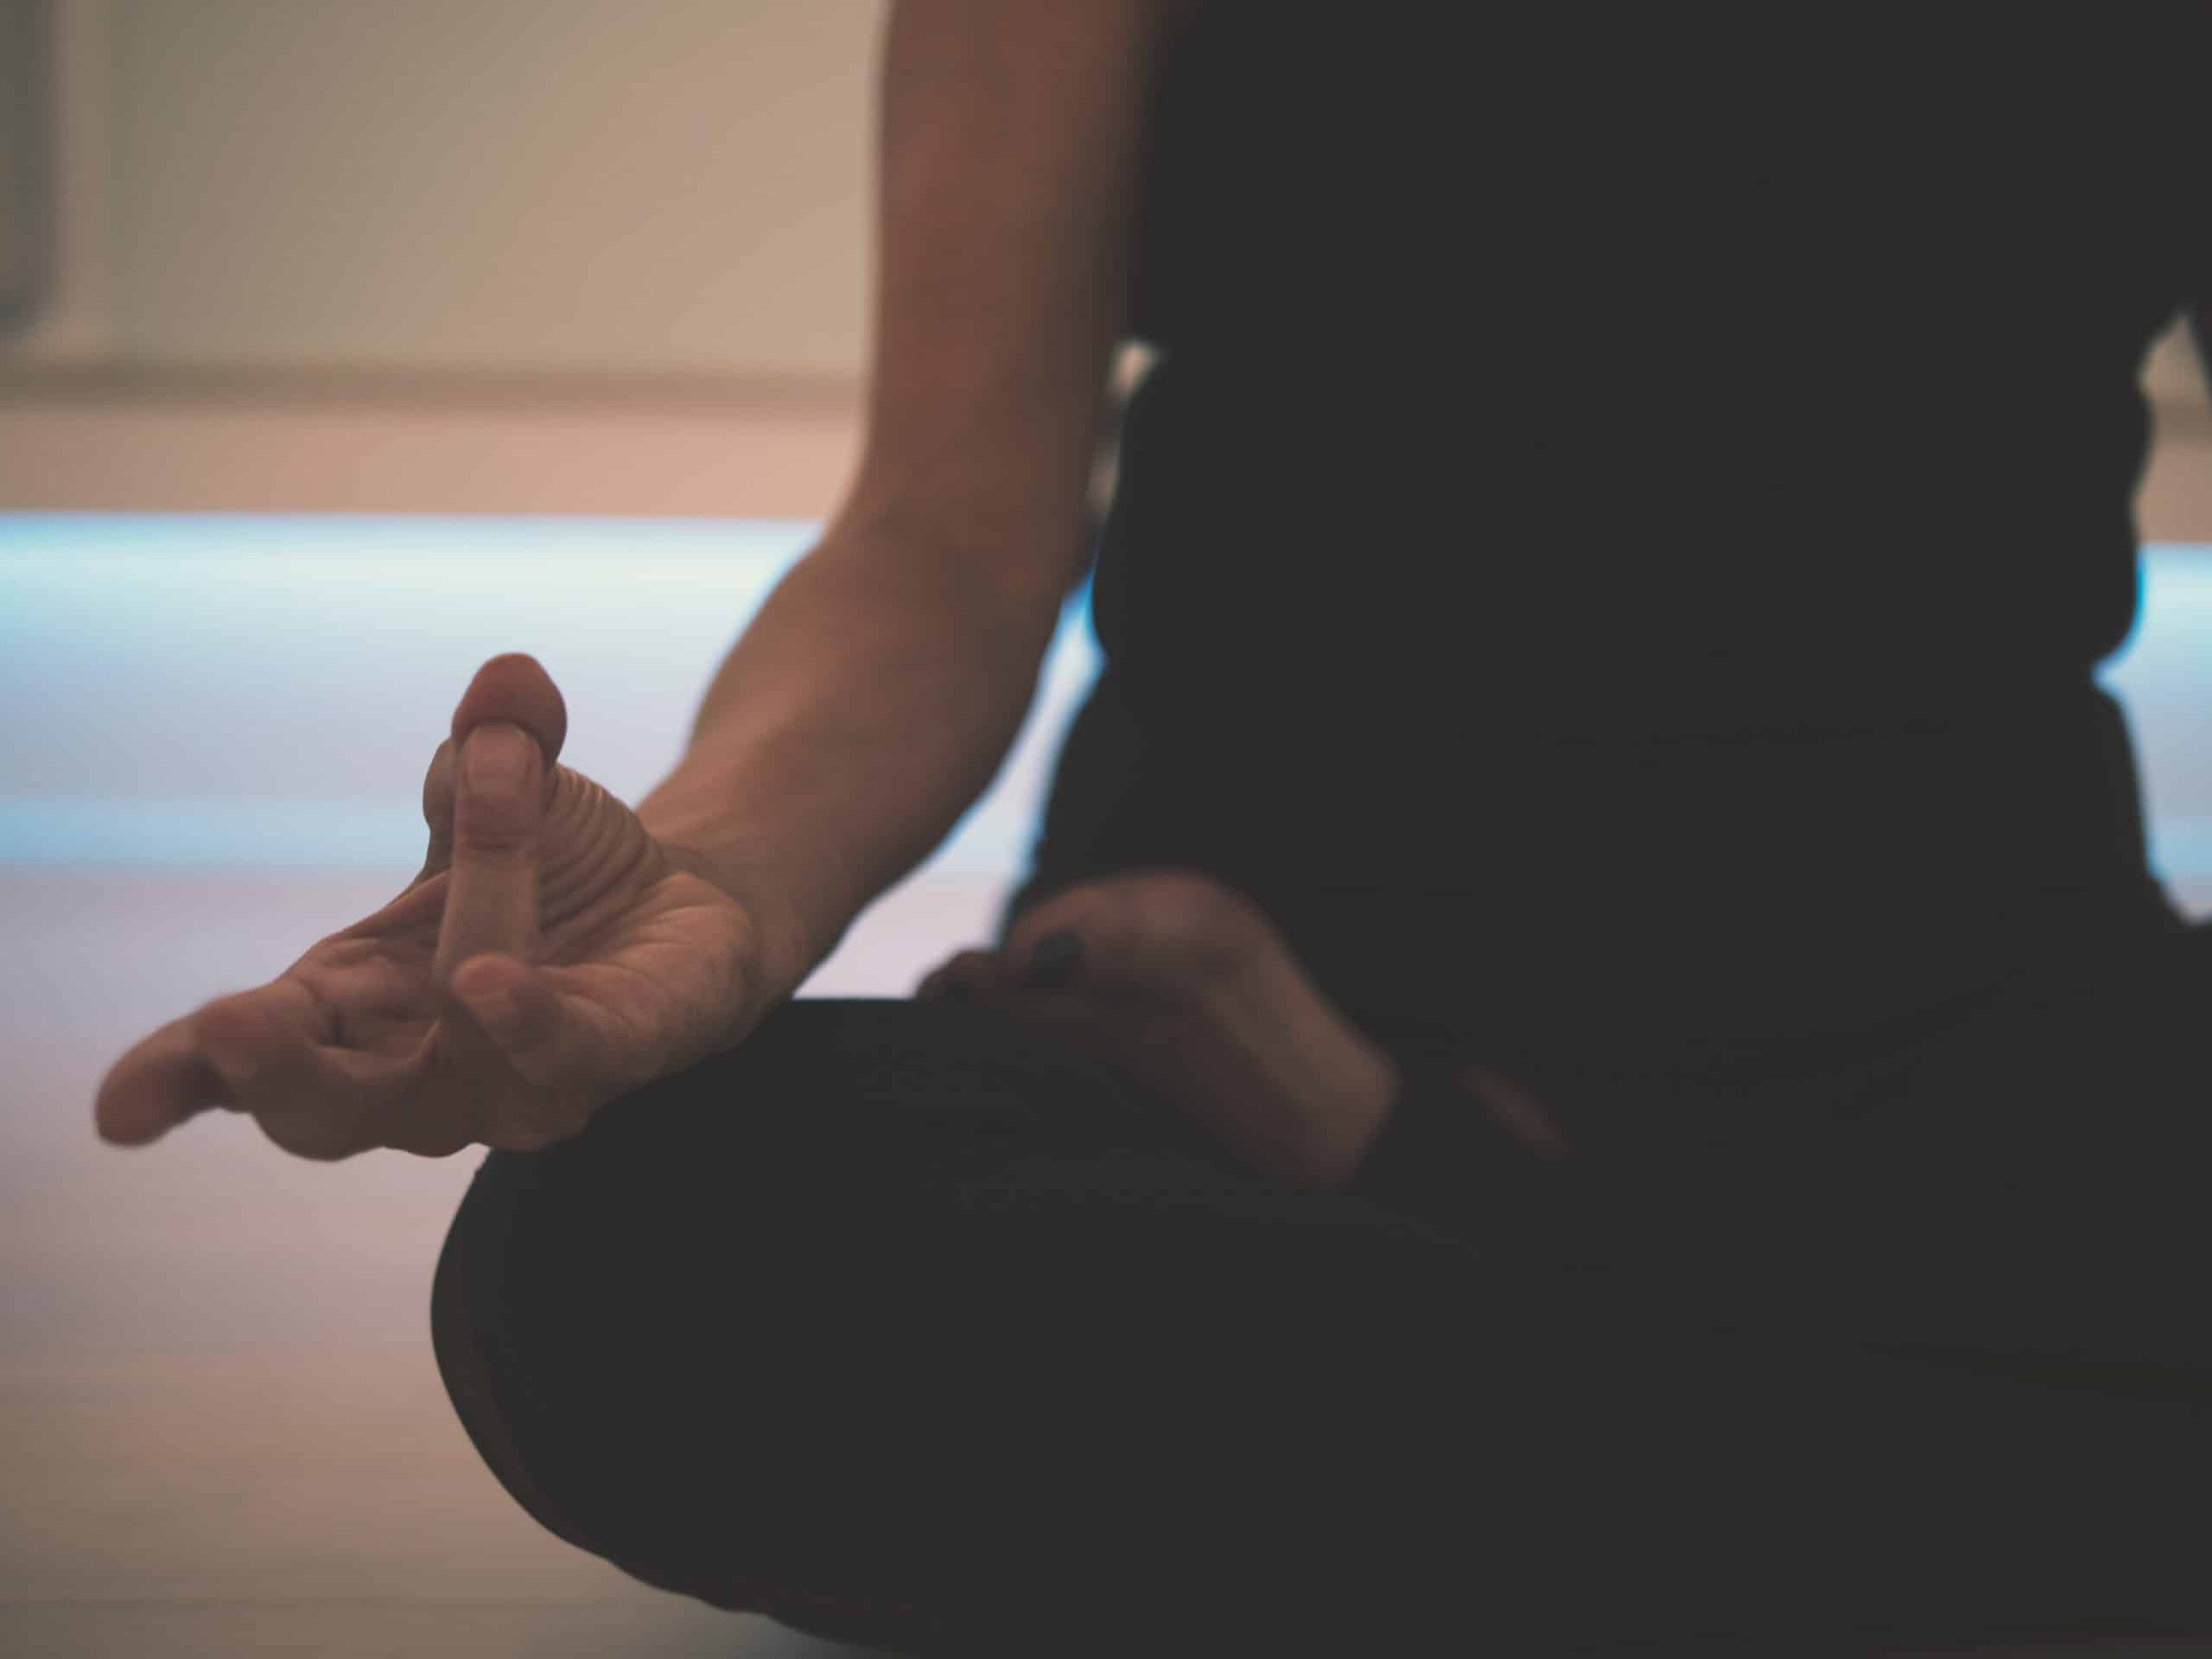 Mão de mulher em posição de meditação apoiada em perna cruzada